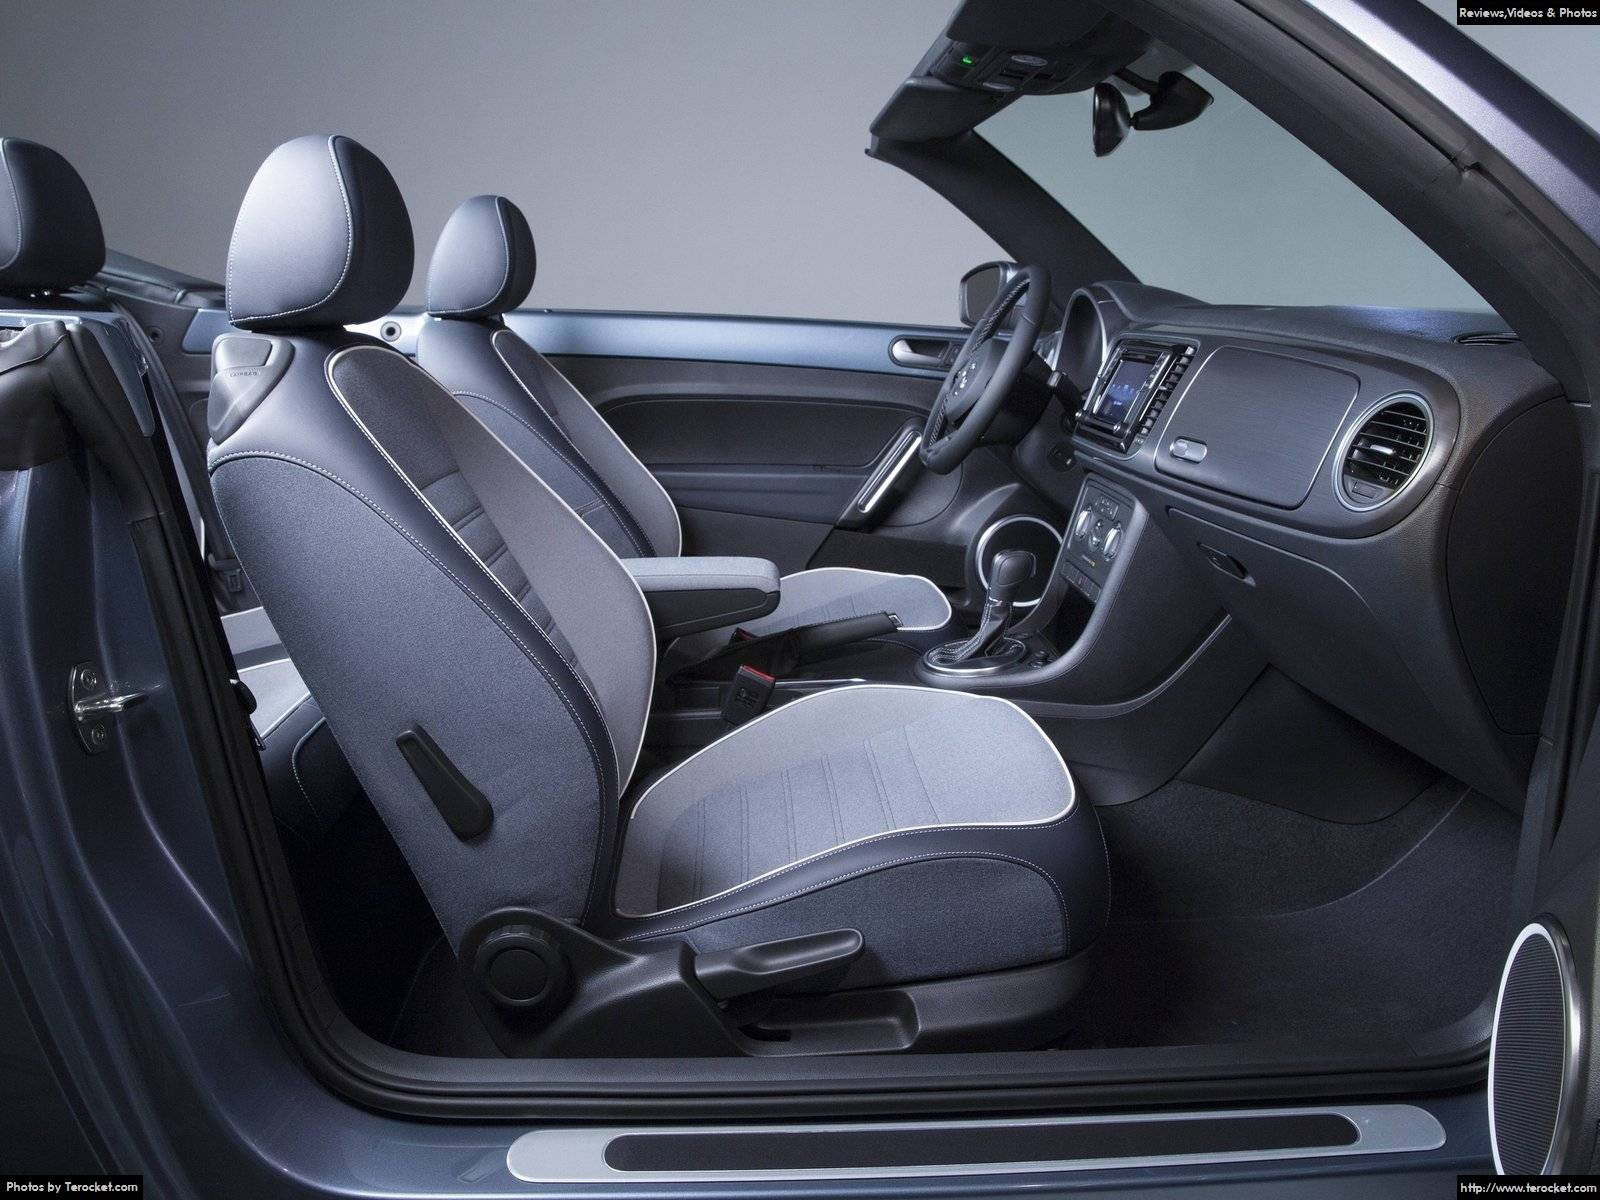 Hình ảnh xe ô tô Volkswagen Beetle Denim 2016 & nội ngoại thất